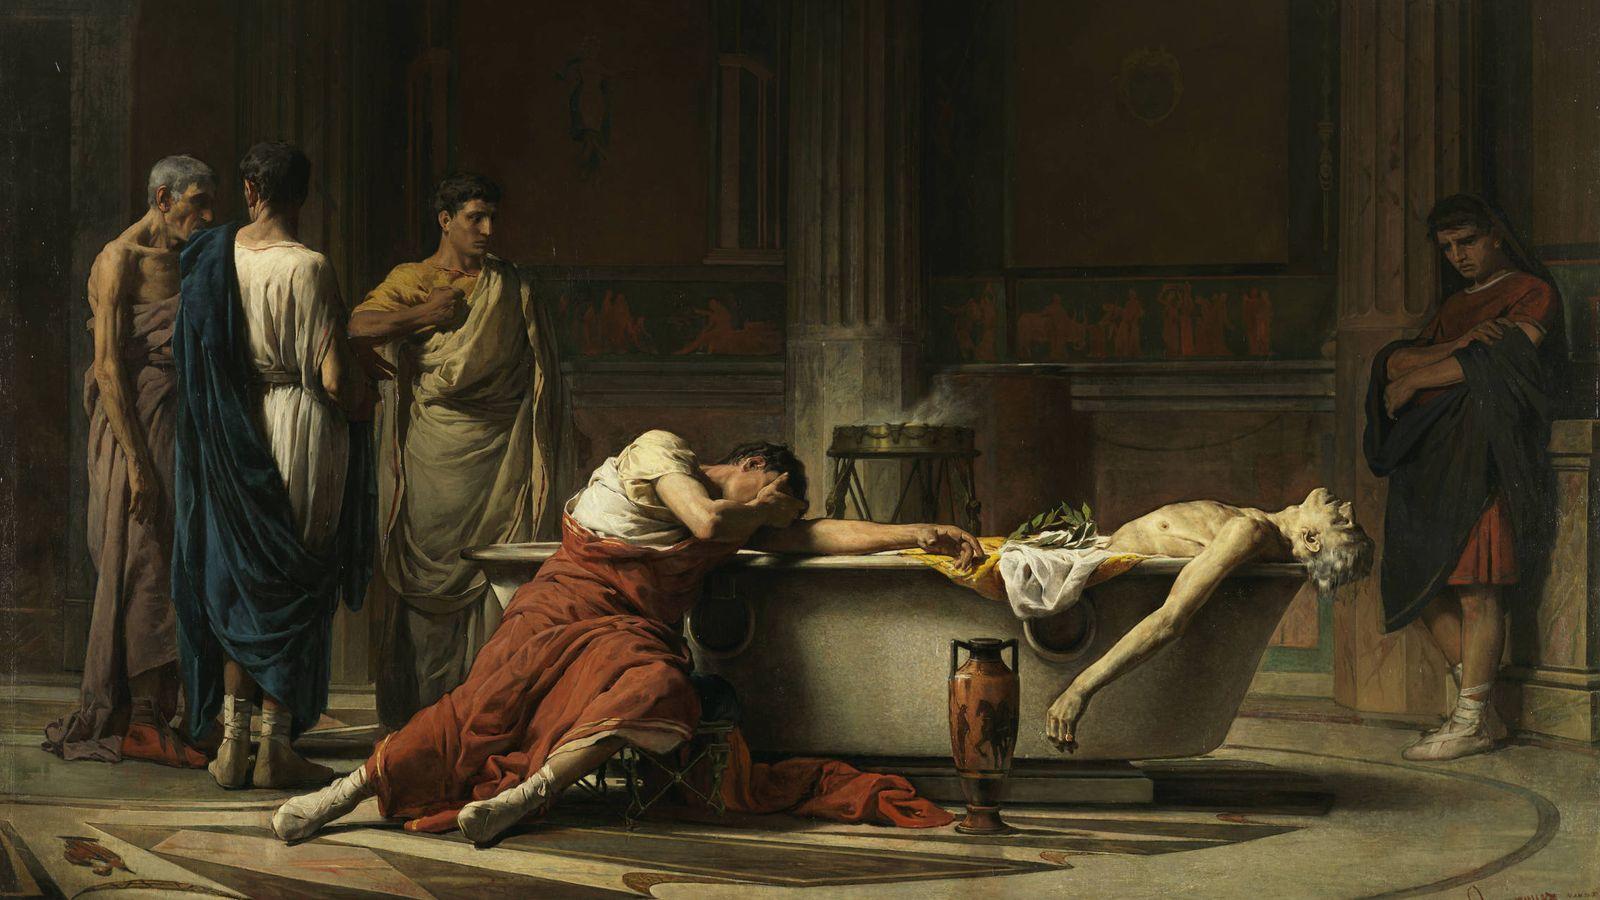 Foto: 'El suicidio de Séneca' de Manuel Domínguez Sánchez. (1871)